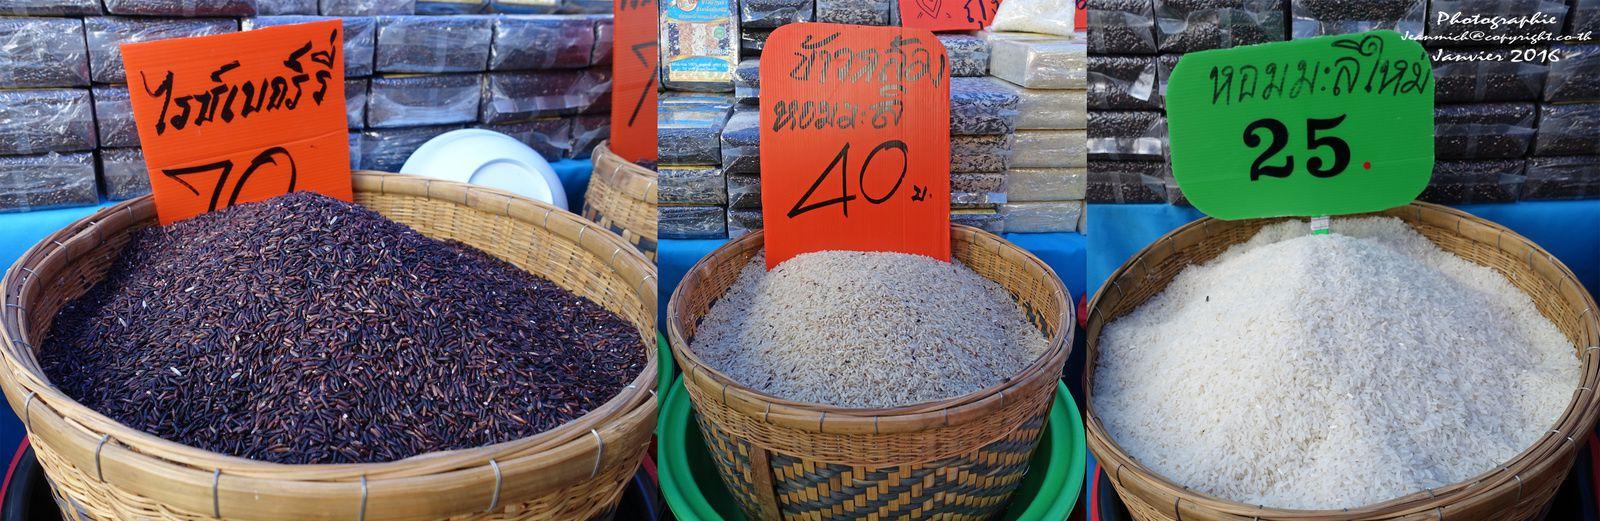 Foire agricole de Khon Kaen (III) le côté gastronomique...